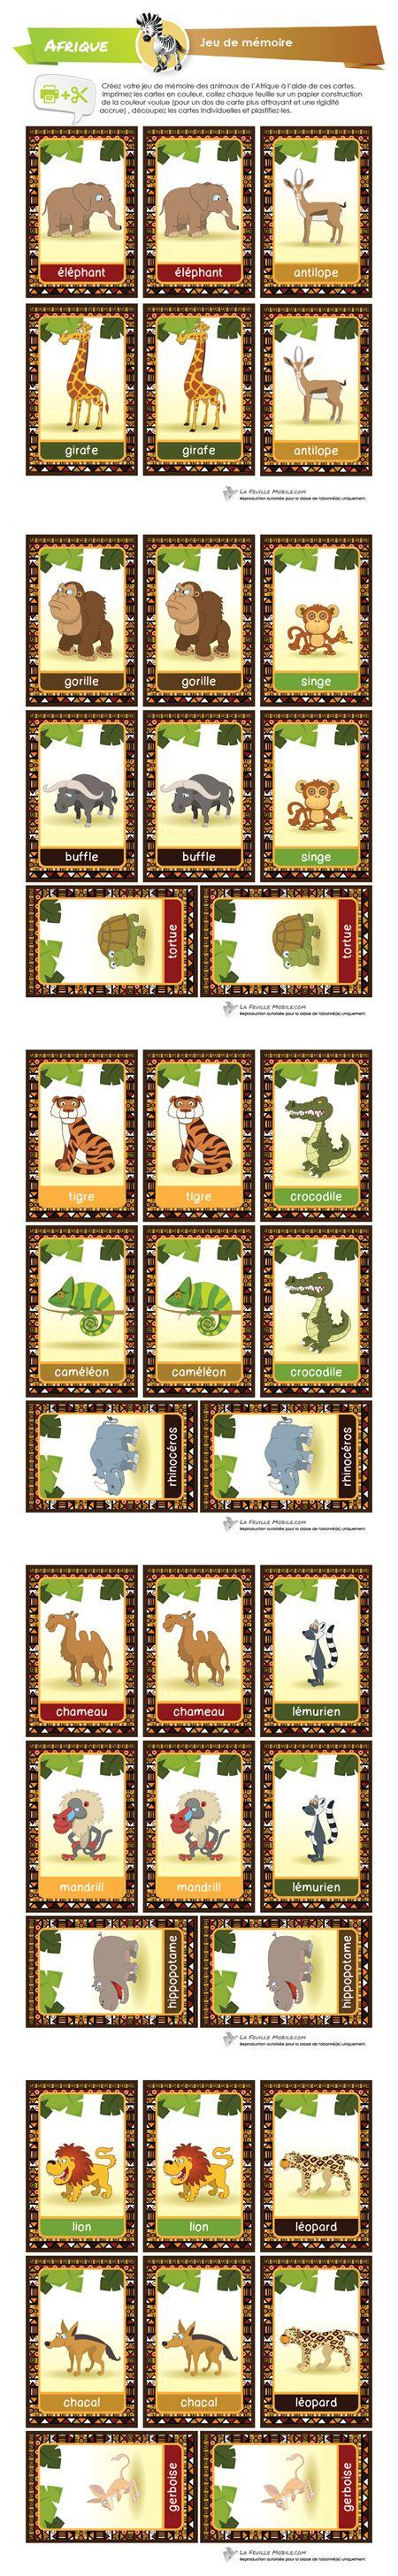 Créez votre jeu de mémoire des animaux de l'Afrique à l'aide de ces cartes. 19 animaux différents pour un total de 38 cartes à créer. Imprimez les cartes en couleur, collez chaque feuille sur un papier construction de la couleur voulue (pour un dos de carte plus attrayant et une rigidité accrue) , découpez les cartes individuelles et plastifiez-les.